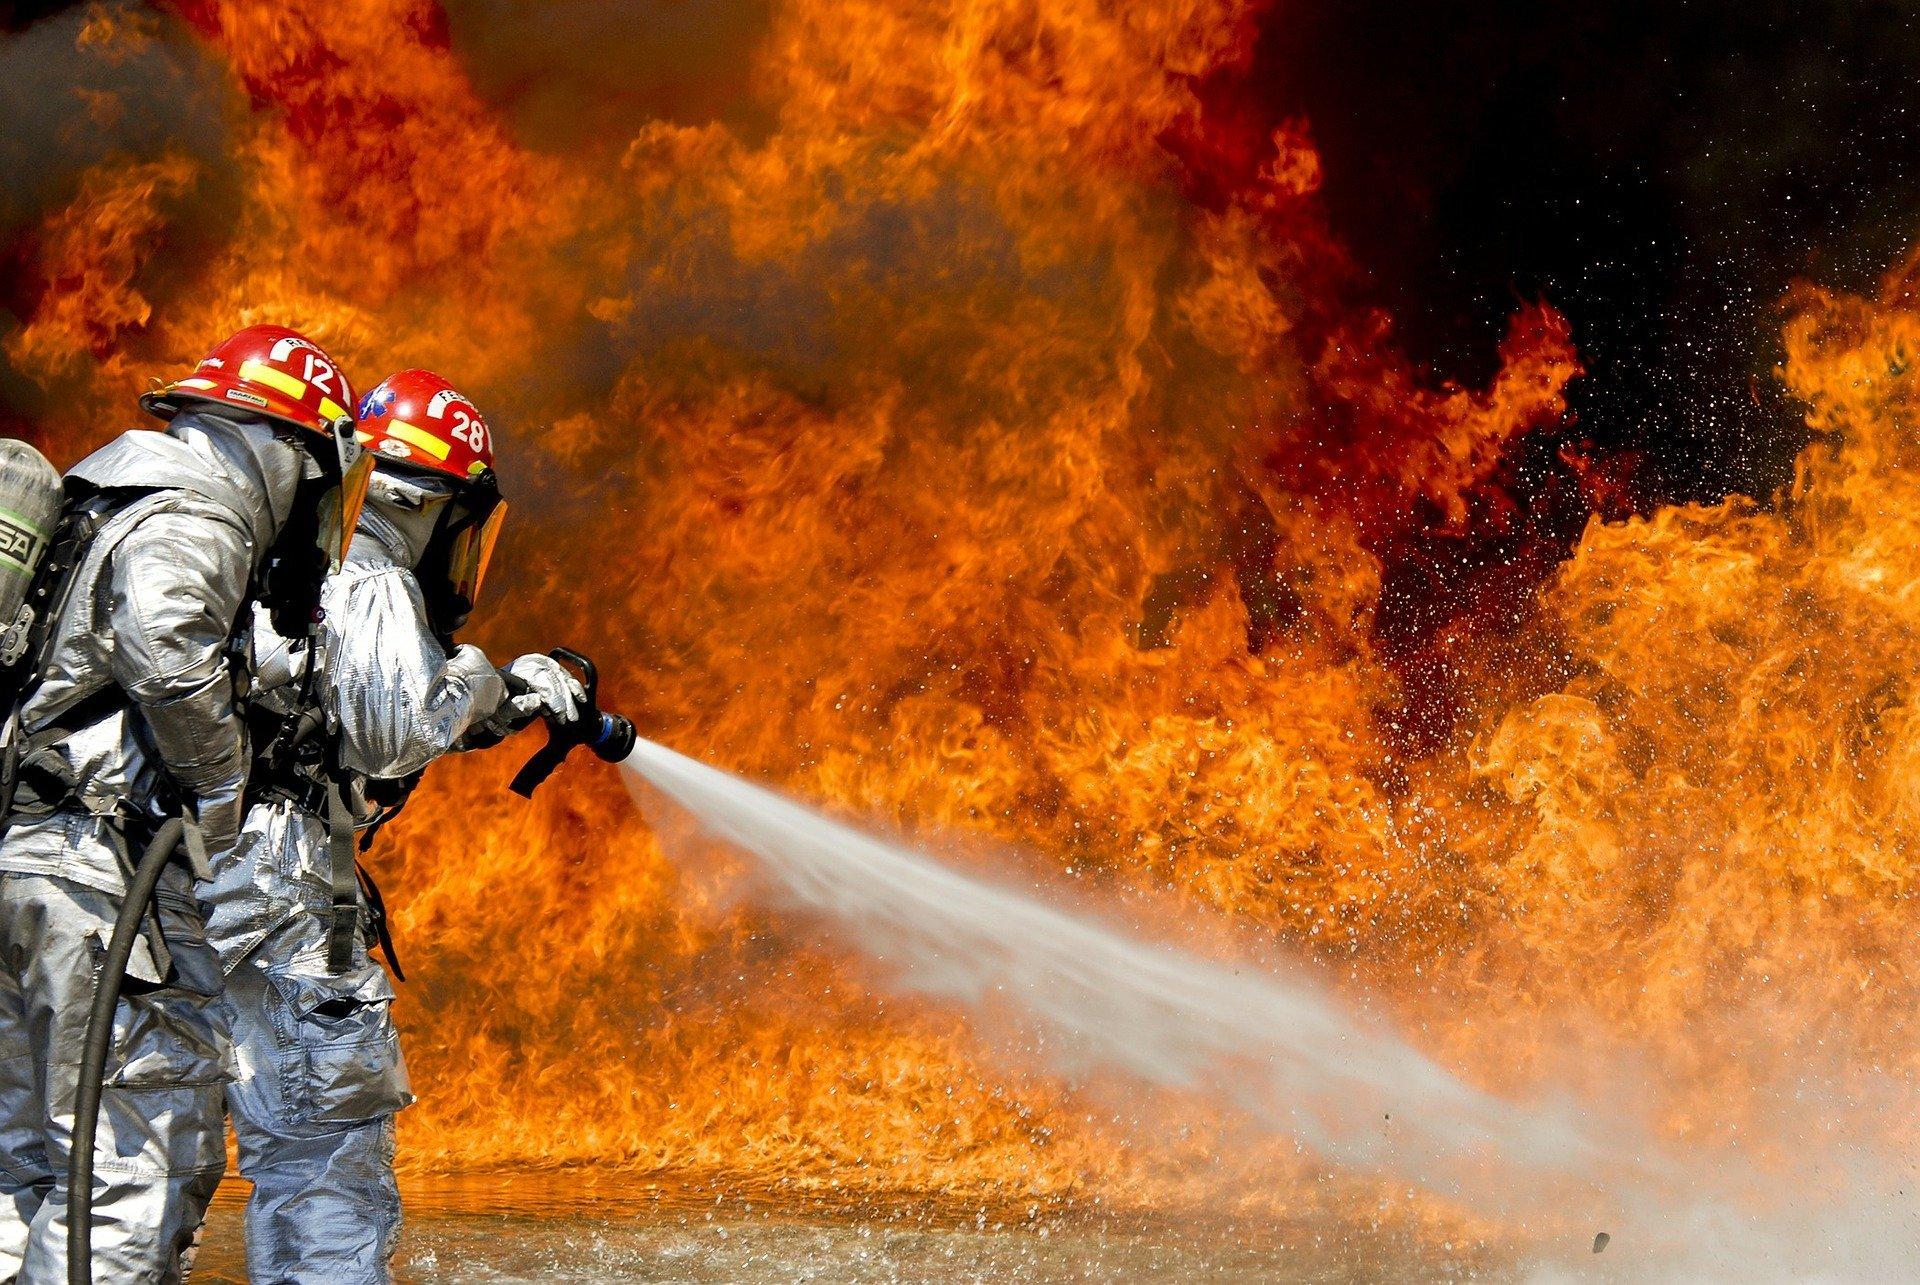 firefighters 115800 1920.jpg?resize=1200,630 - Australie : Les photos montrant l'étendue des incendies diffusées dans les médias ne sont pas ce que l'on croit